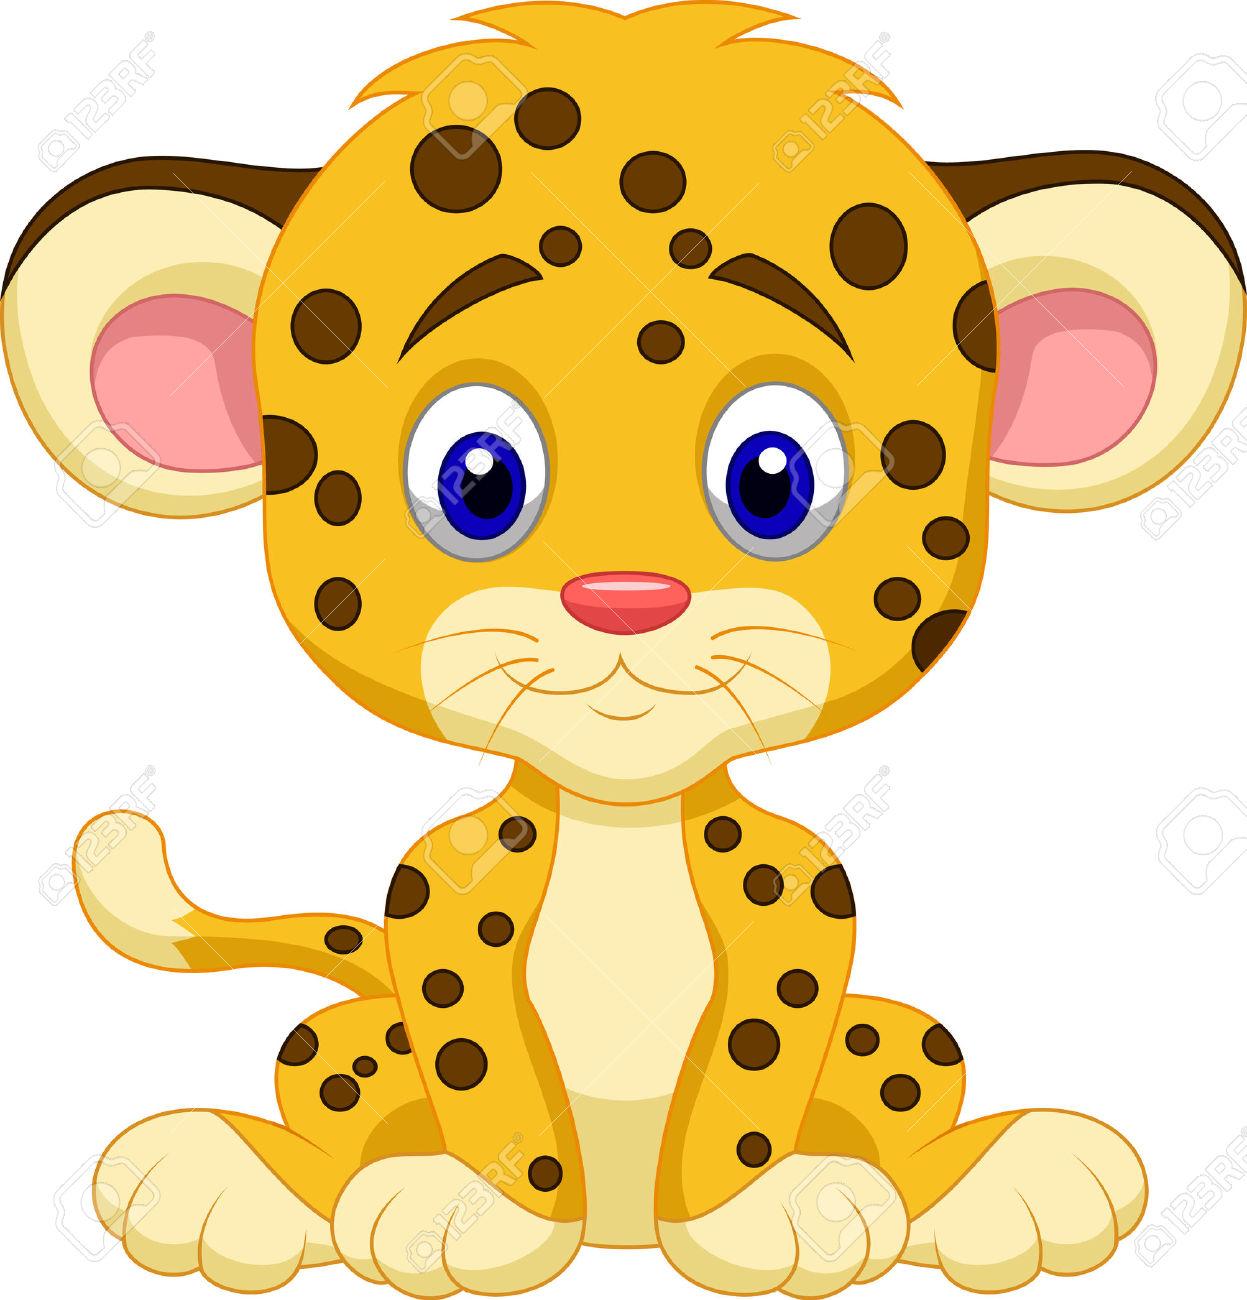 Tigres clipart adorable #9